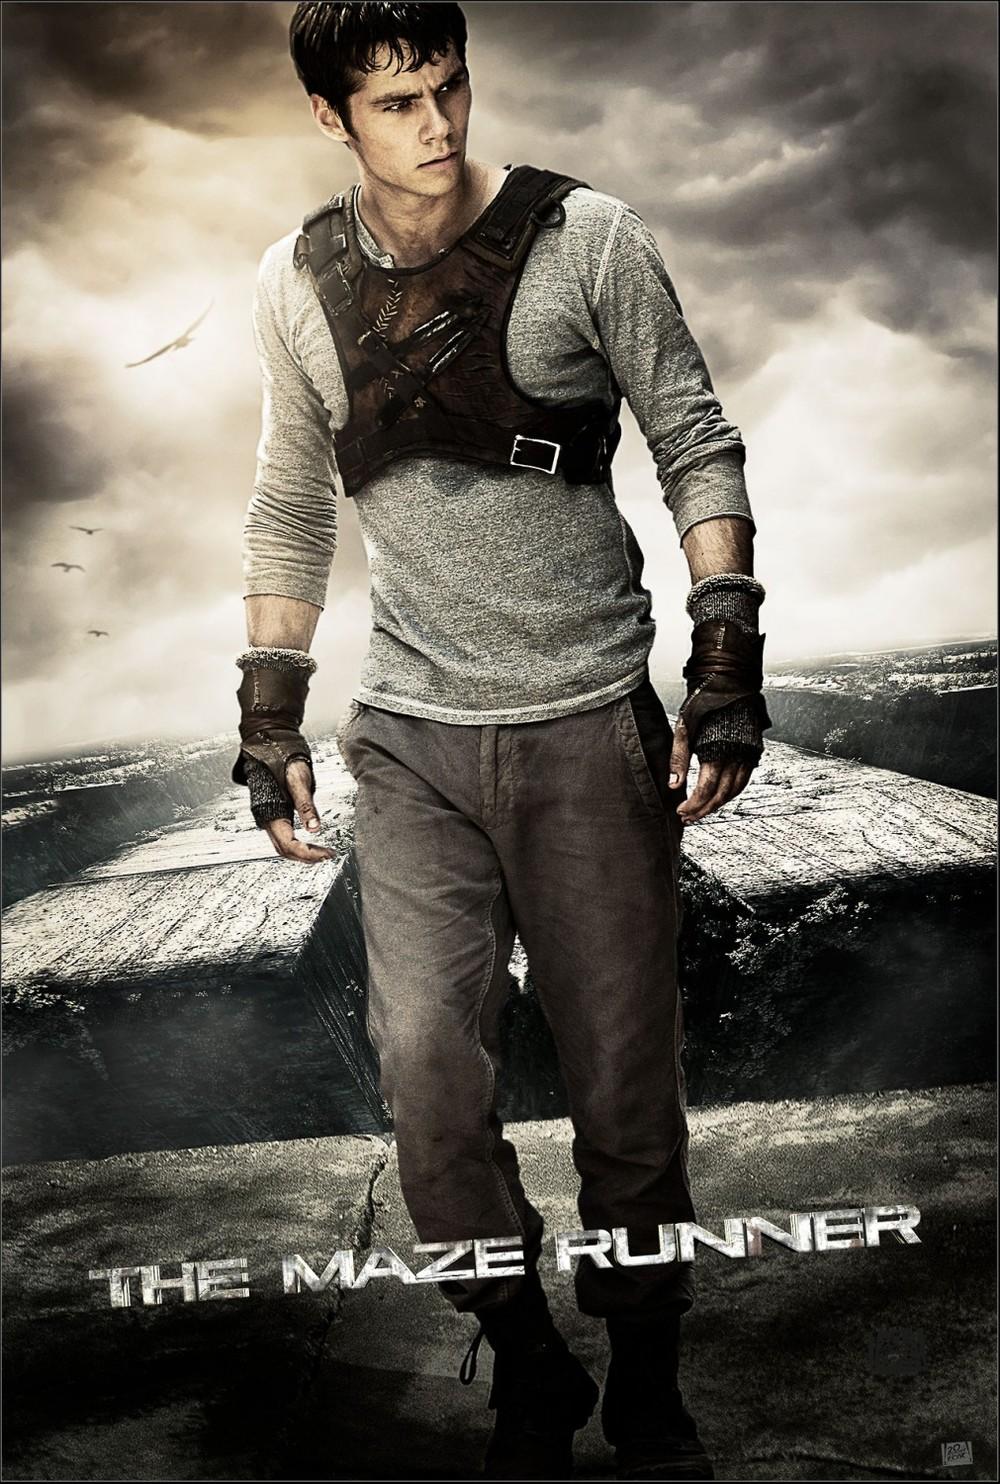 Maze Runner Movie4k